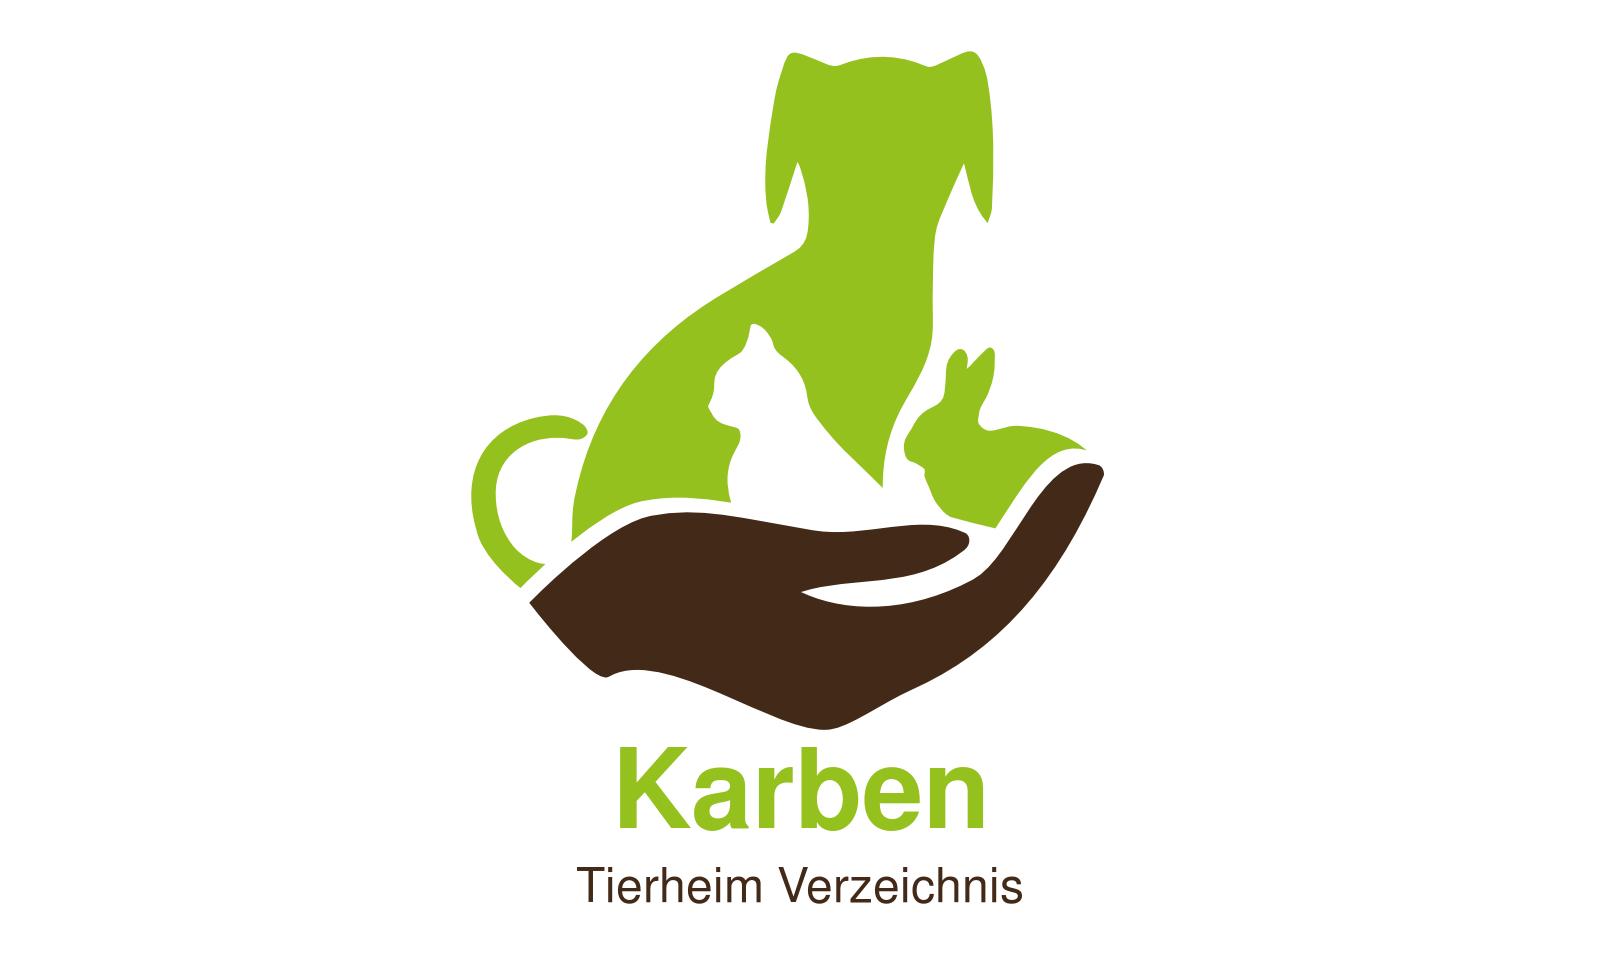 Tierheim Karben